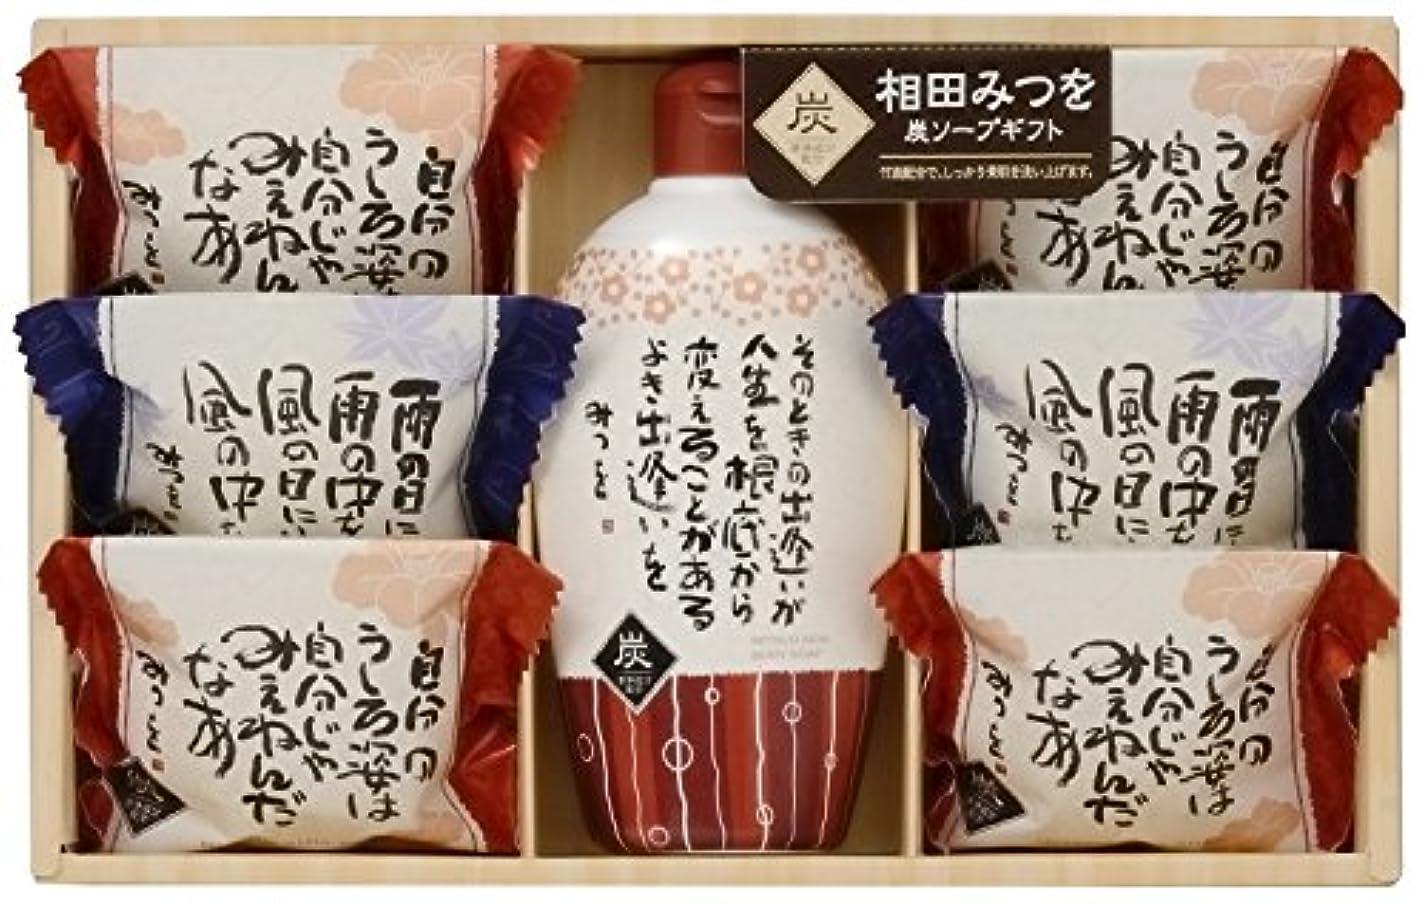 適用済みコークストラップ田中太商店 ギフト 相田みつを炭ソープセット YKA-15